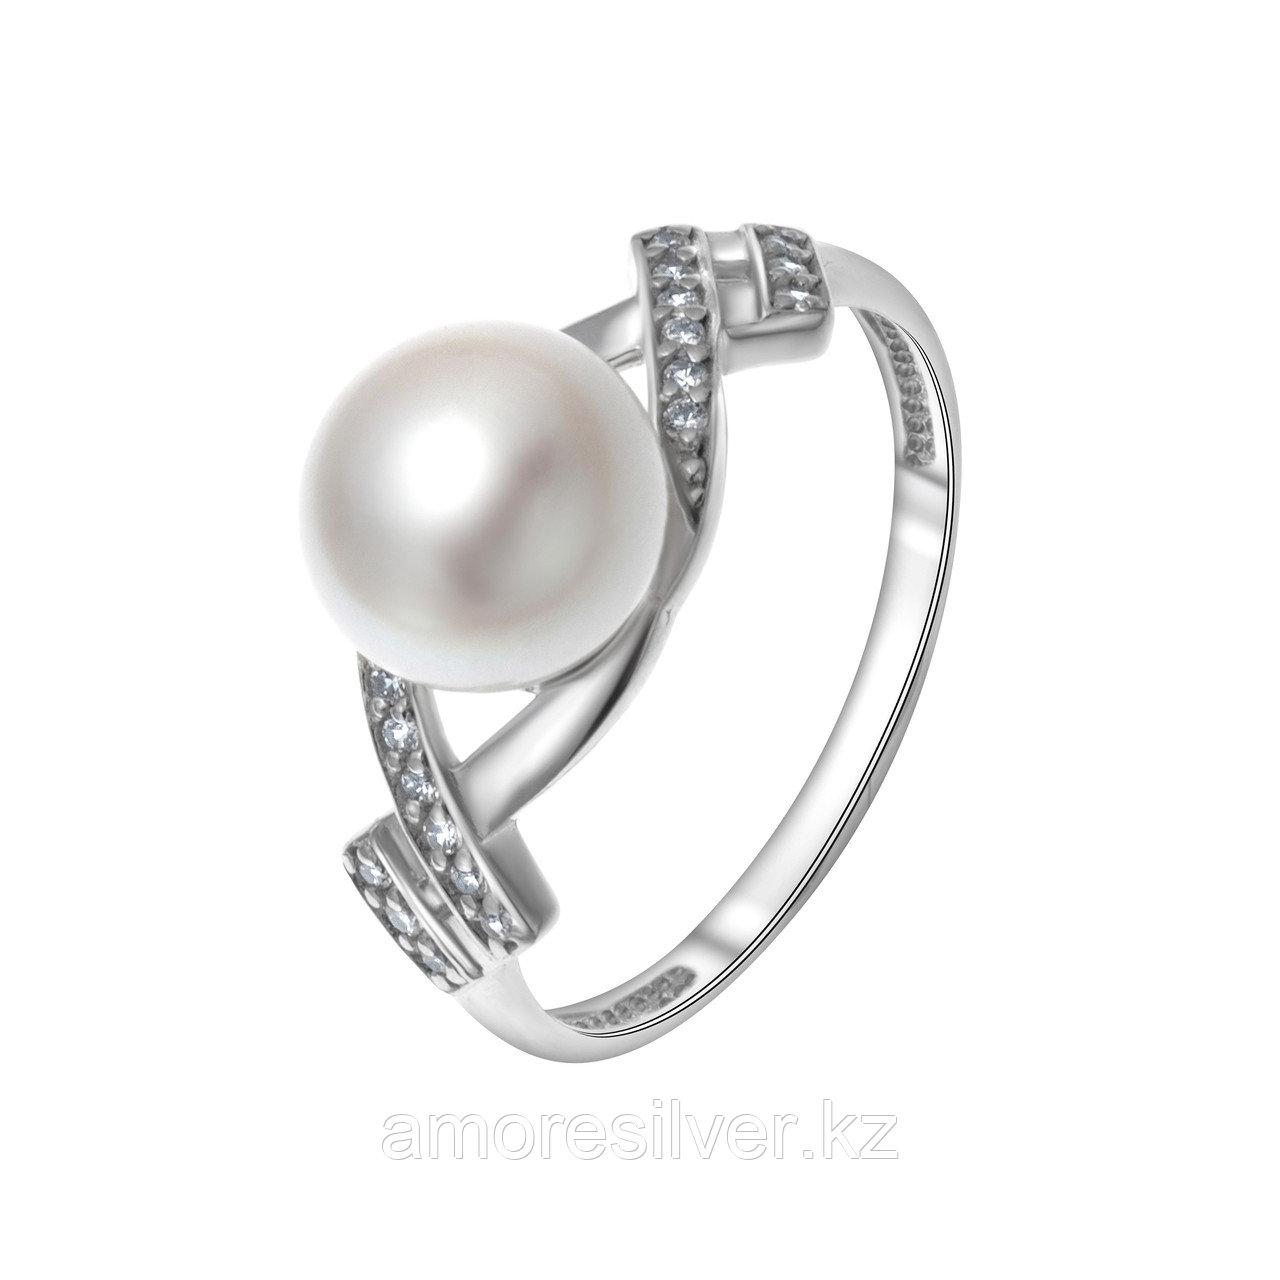 Кольцо TEOSA серебро с родием, жемчуг культ. фианит, ажурное 190-9-819Р размеры - 17,5